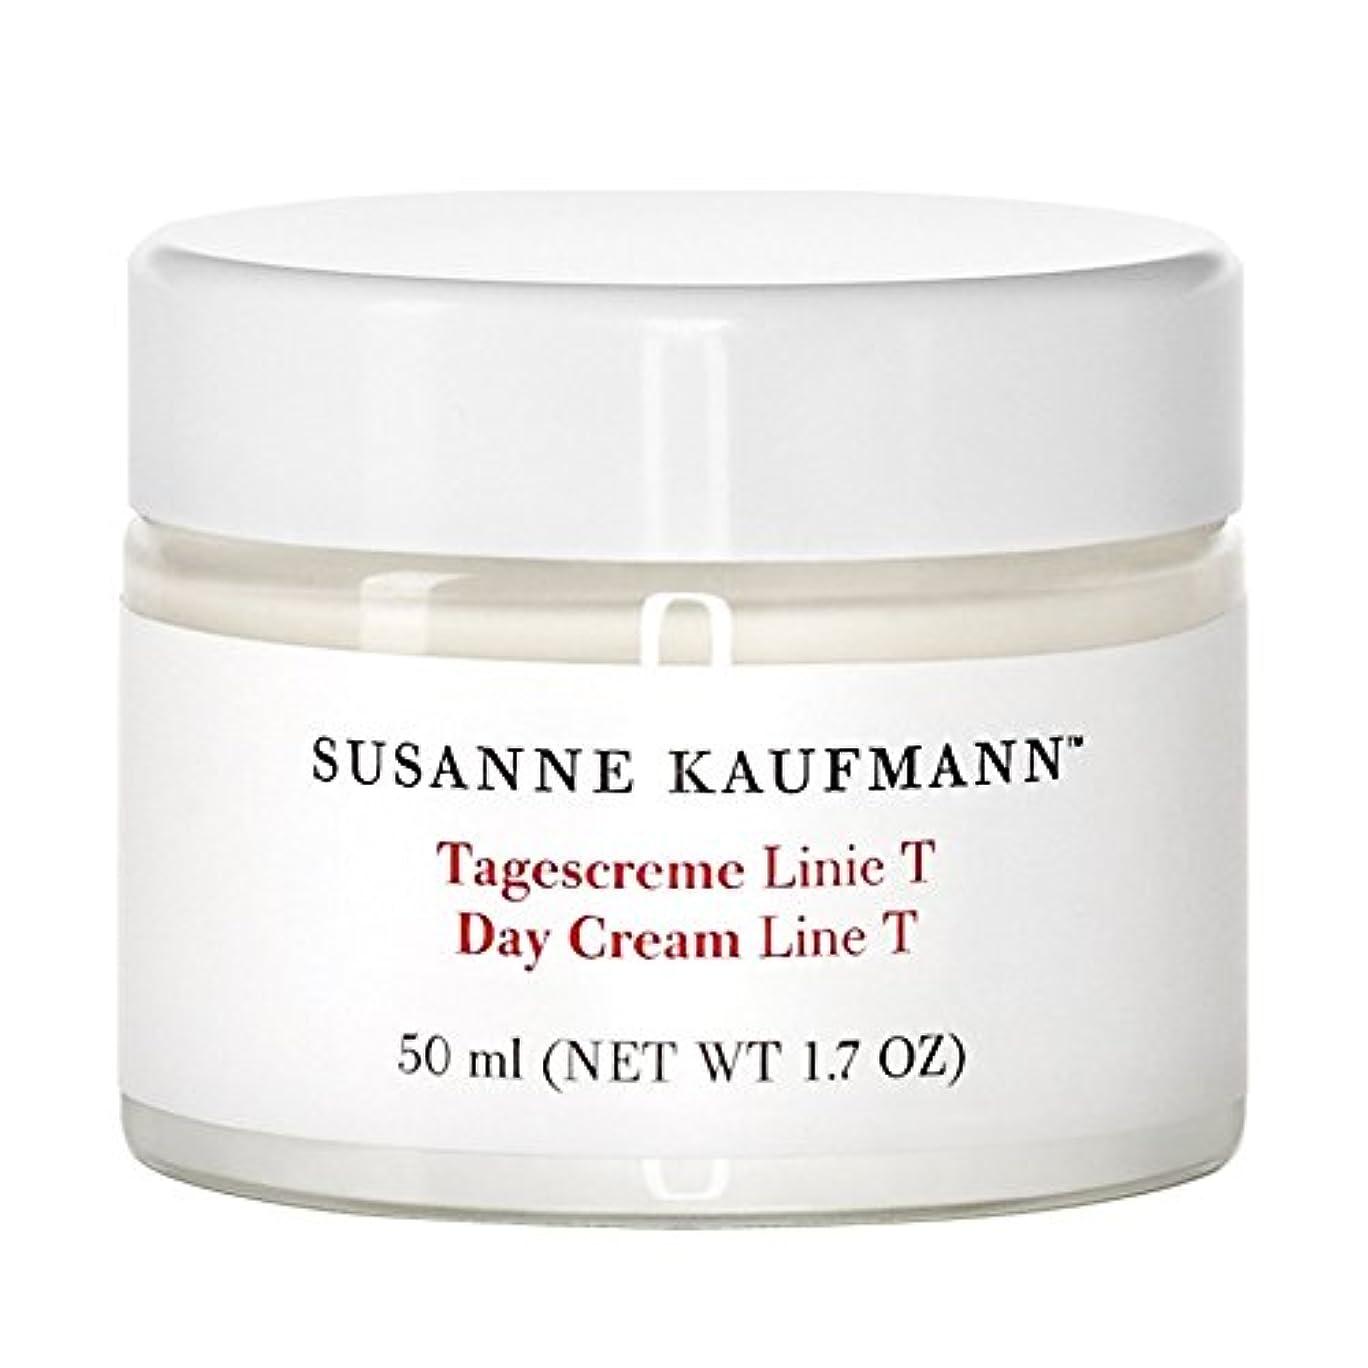 寄稿者なる大胆スザンヌカウフマン日クリームライントンの50ミリリットル x4 - Susanne Kaufmann Day Cream Line T 50ml (Pack of 4) [並行輸入品]